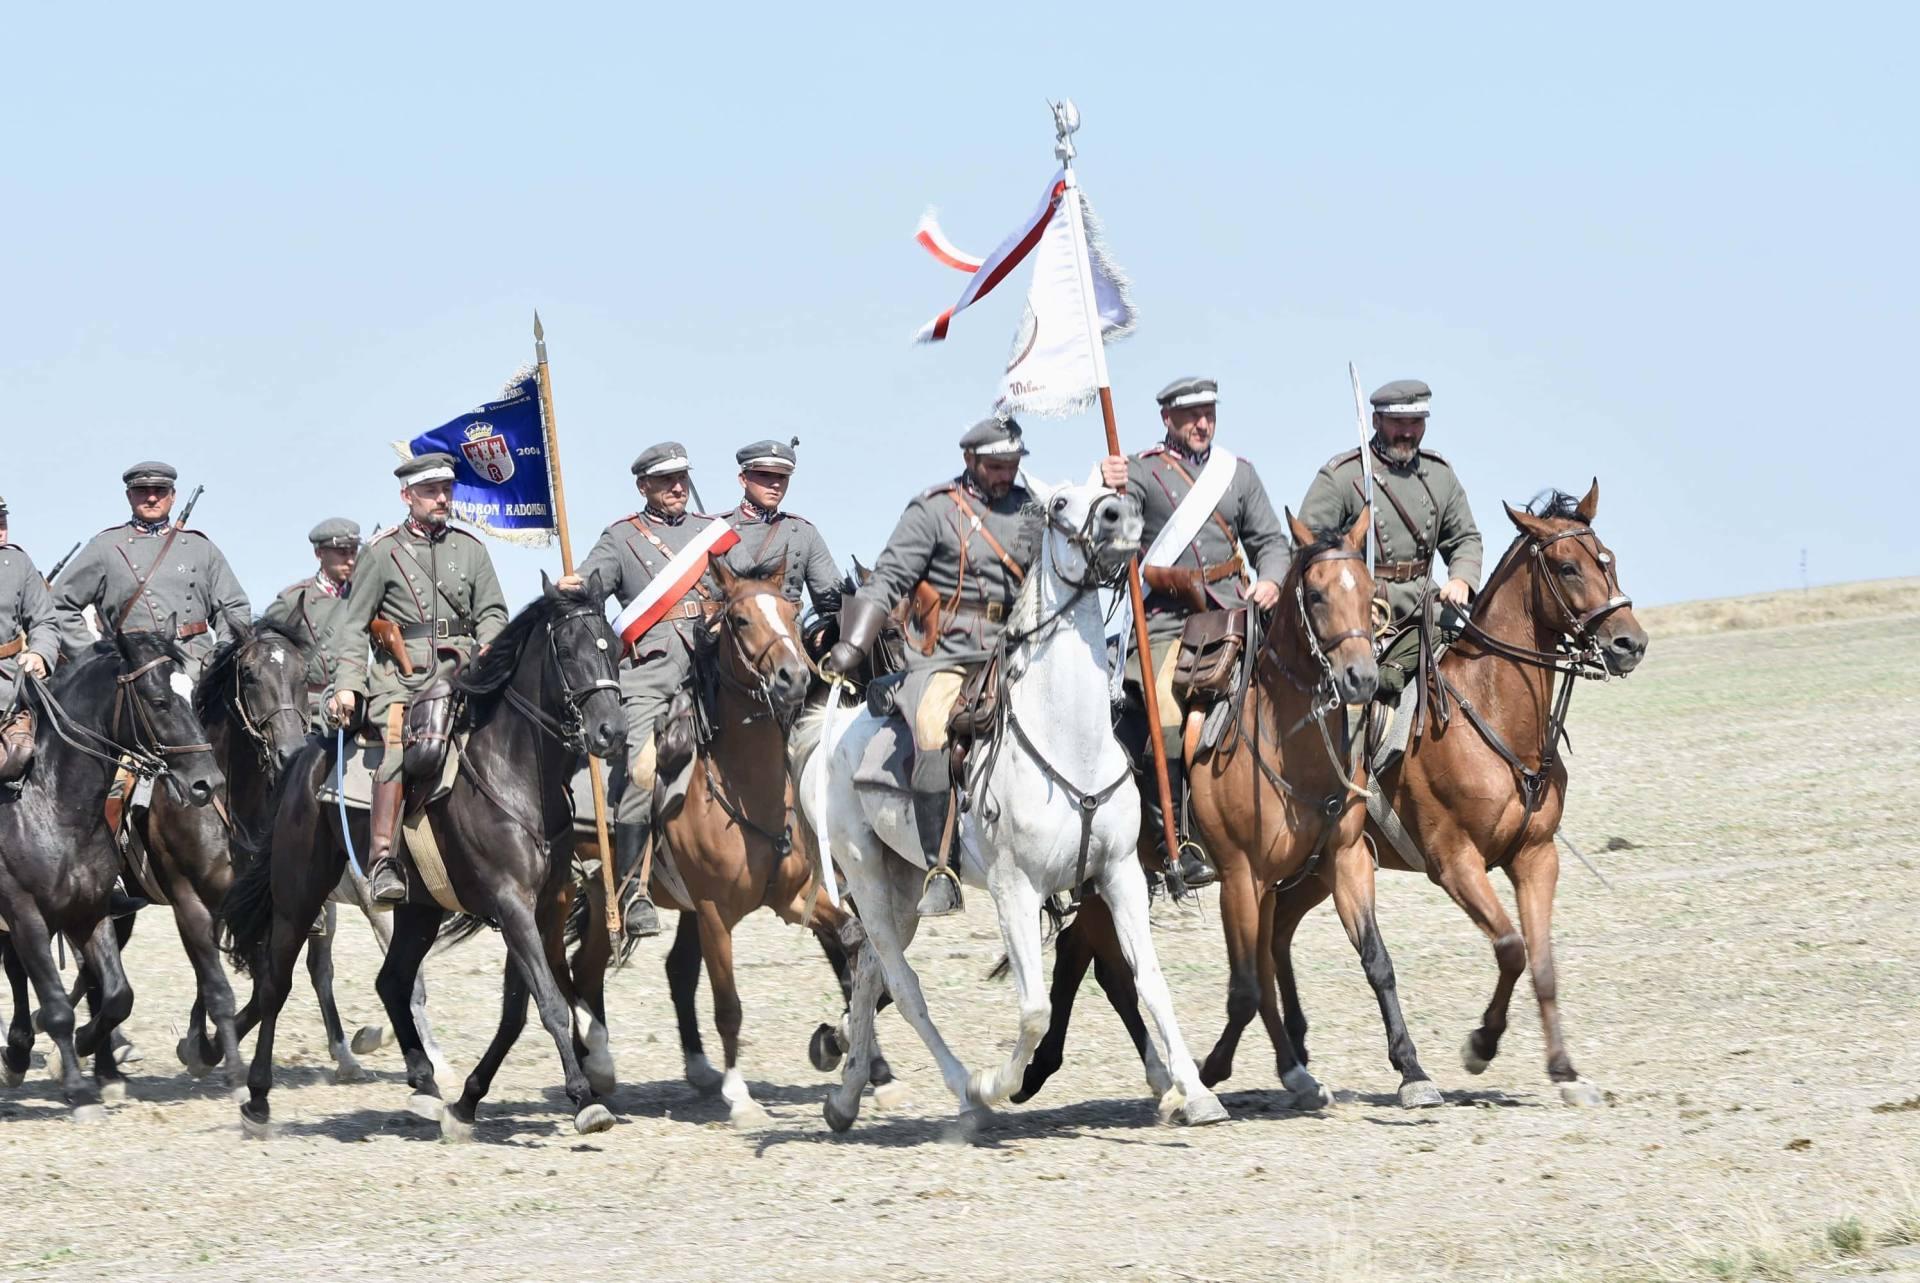 dsc 0636 Czas szabli - 100 rocznica bitwy pod Komarowem(zdjęcia)